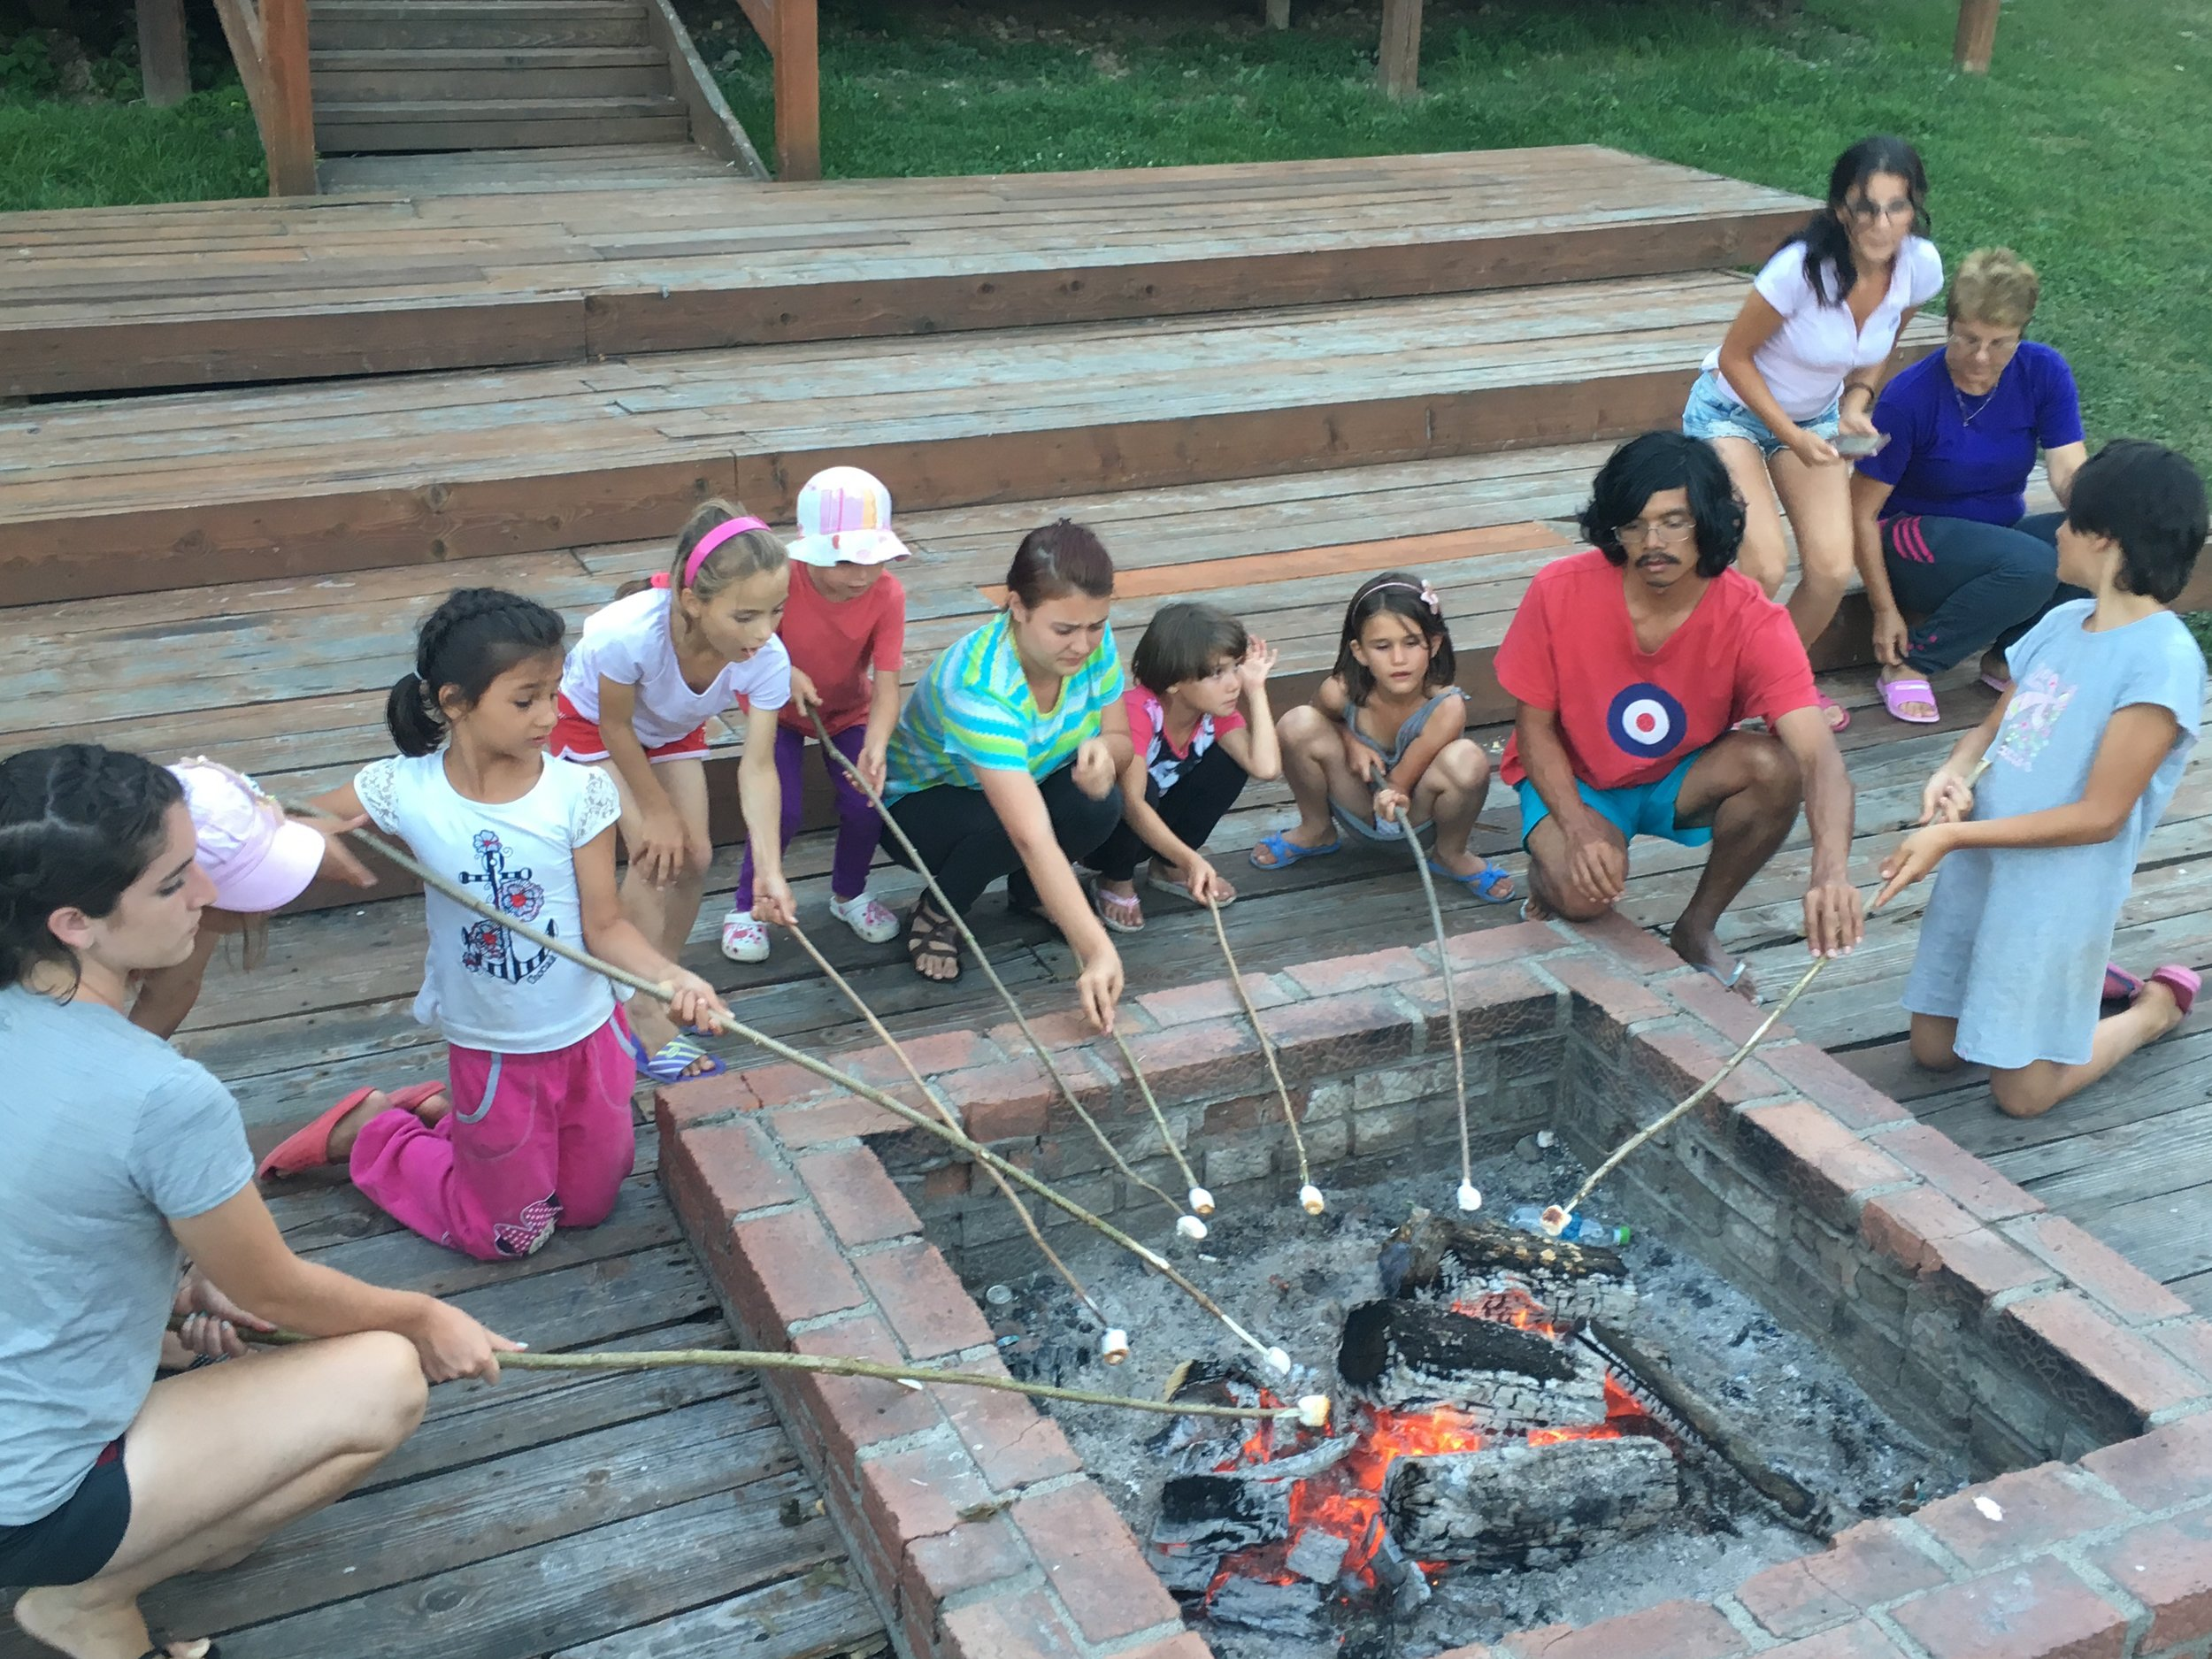 ...roasting marshmallows,